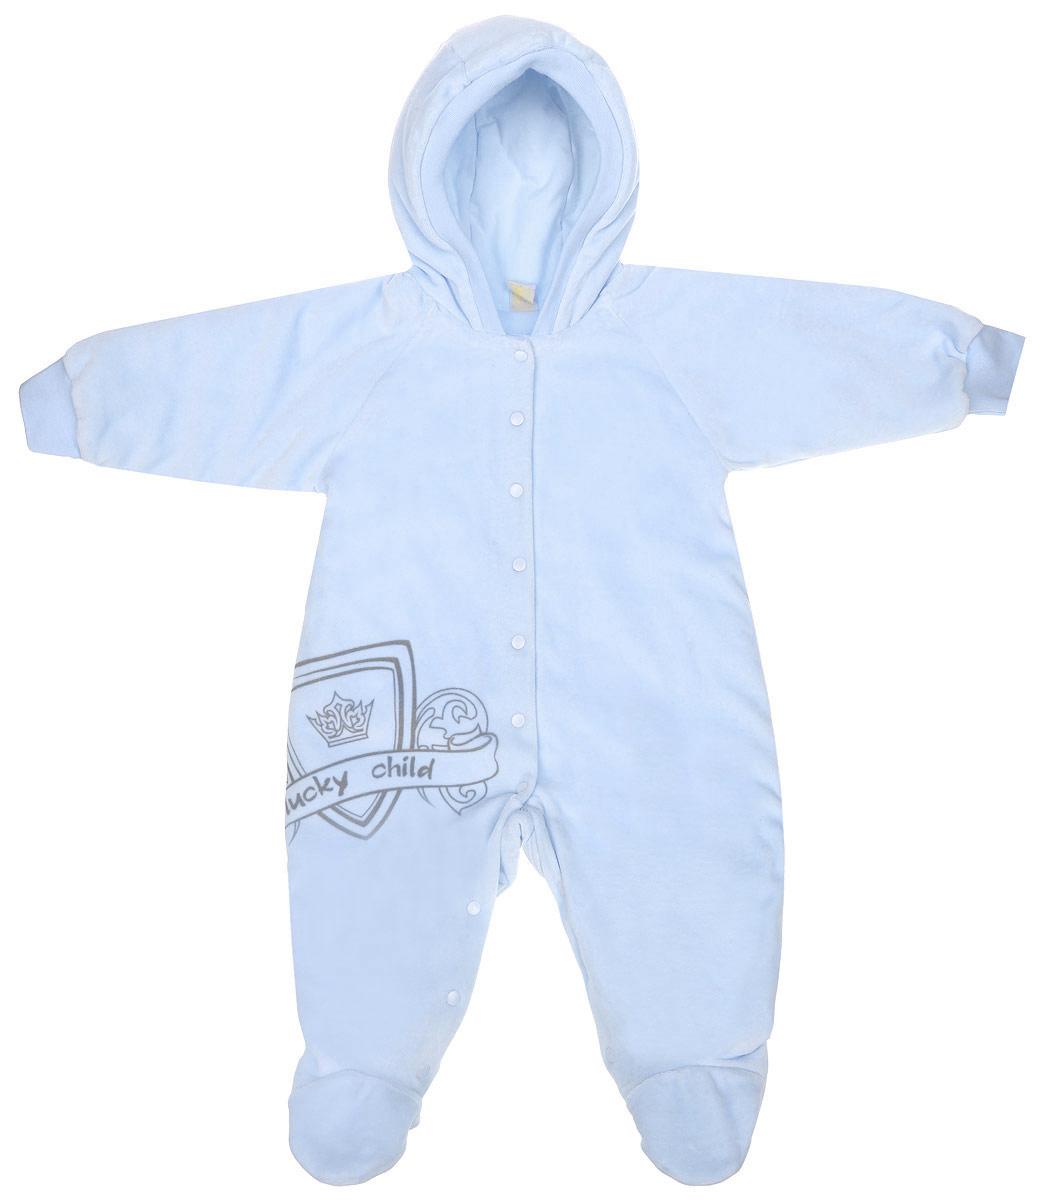 Комбинезон детский Lucky Child, цвет: голубой. 5-1. Размер 68/745-1Детский комбинезон Lucky Child - очень удобный и практичный вид одежды для малышей. Комбинезон выполнен из велюра на подкладке из натурального хлопка, благодаря чему он необычайно мягкий и приятный на ощупь, не раздражают нежную кожу ребенка и хорошо вентилируются, а эластичные швы приятны телу младенца и не препятствуют его движениям. В качестве утеплителя используется синтепон. Комбинезон с капюшоном, длинными рукавами-реглан и закрытыми ножками по центру застегивается на металлические застежки-кнопки, также имеются застежки-кнопки на ластовице, что помогает с легкостью переодеть младенца или сменить подгузник. Капюшон по краю дополнен широкой трикотажной резинкой. Рукава понизу дополнены широкими эластичными манжетами, которые мягко обхватывают запястья. Спереди изделие оформлено оригинальным принтом в виде логотипа бренда. С детским комбинезоном Lucky Child спинка и ножки вашего малыша всегда будут в тепле. Комбинезон полностью соответствует особенностям жизни младенца в ранний период, не стесняя и не ограничивая его в движениях!